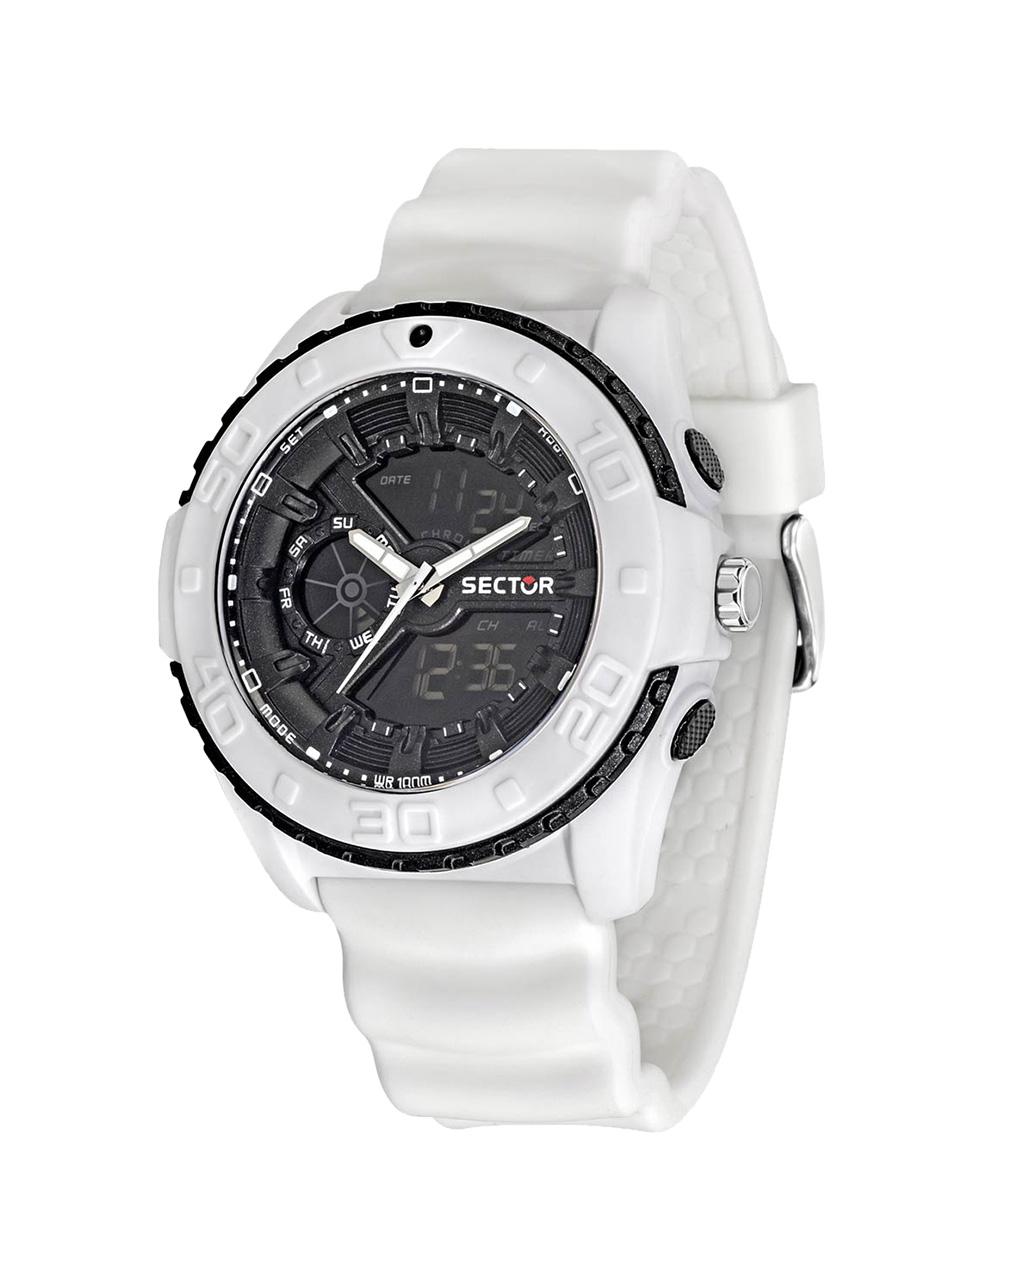 Ρολόι Sector Expander Street Anadigi R3251197037   brands sector